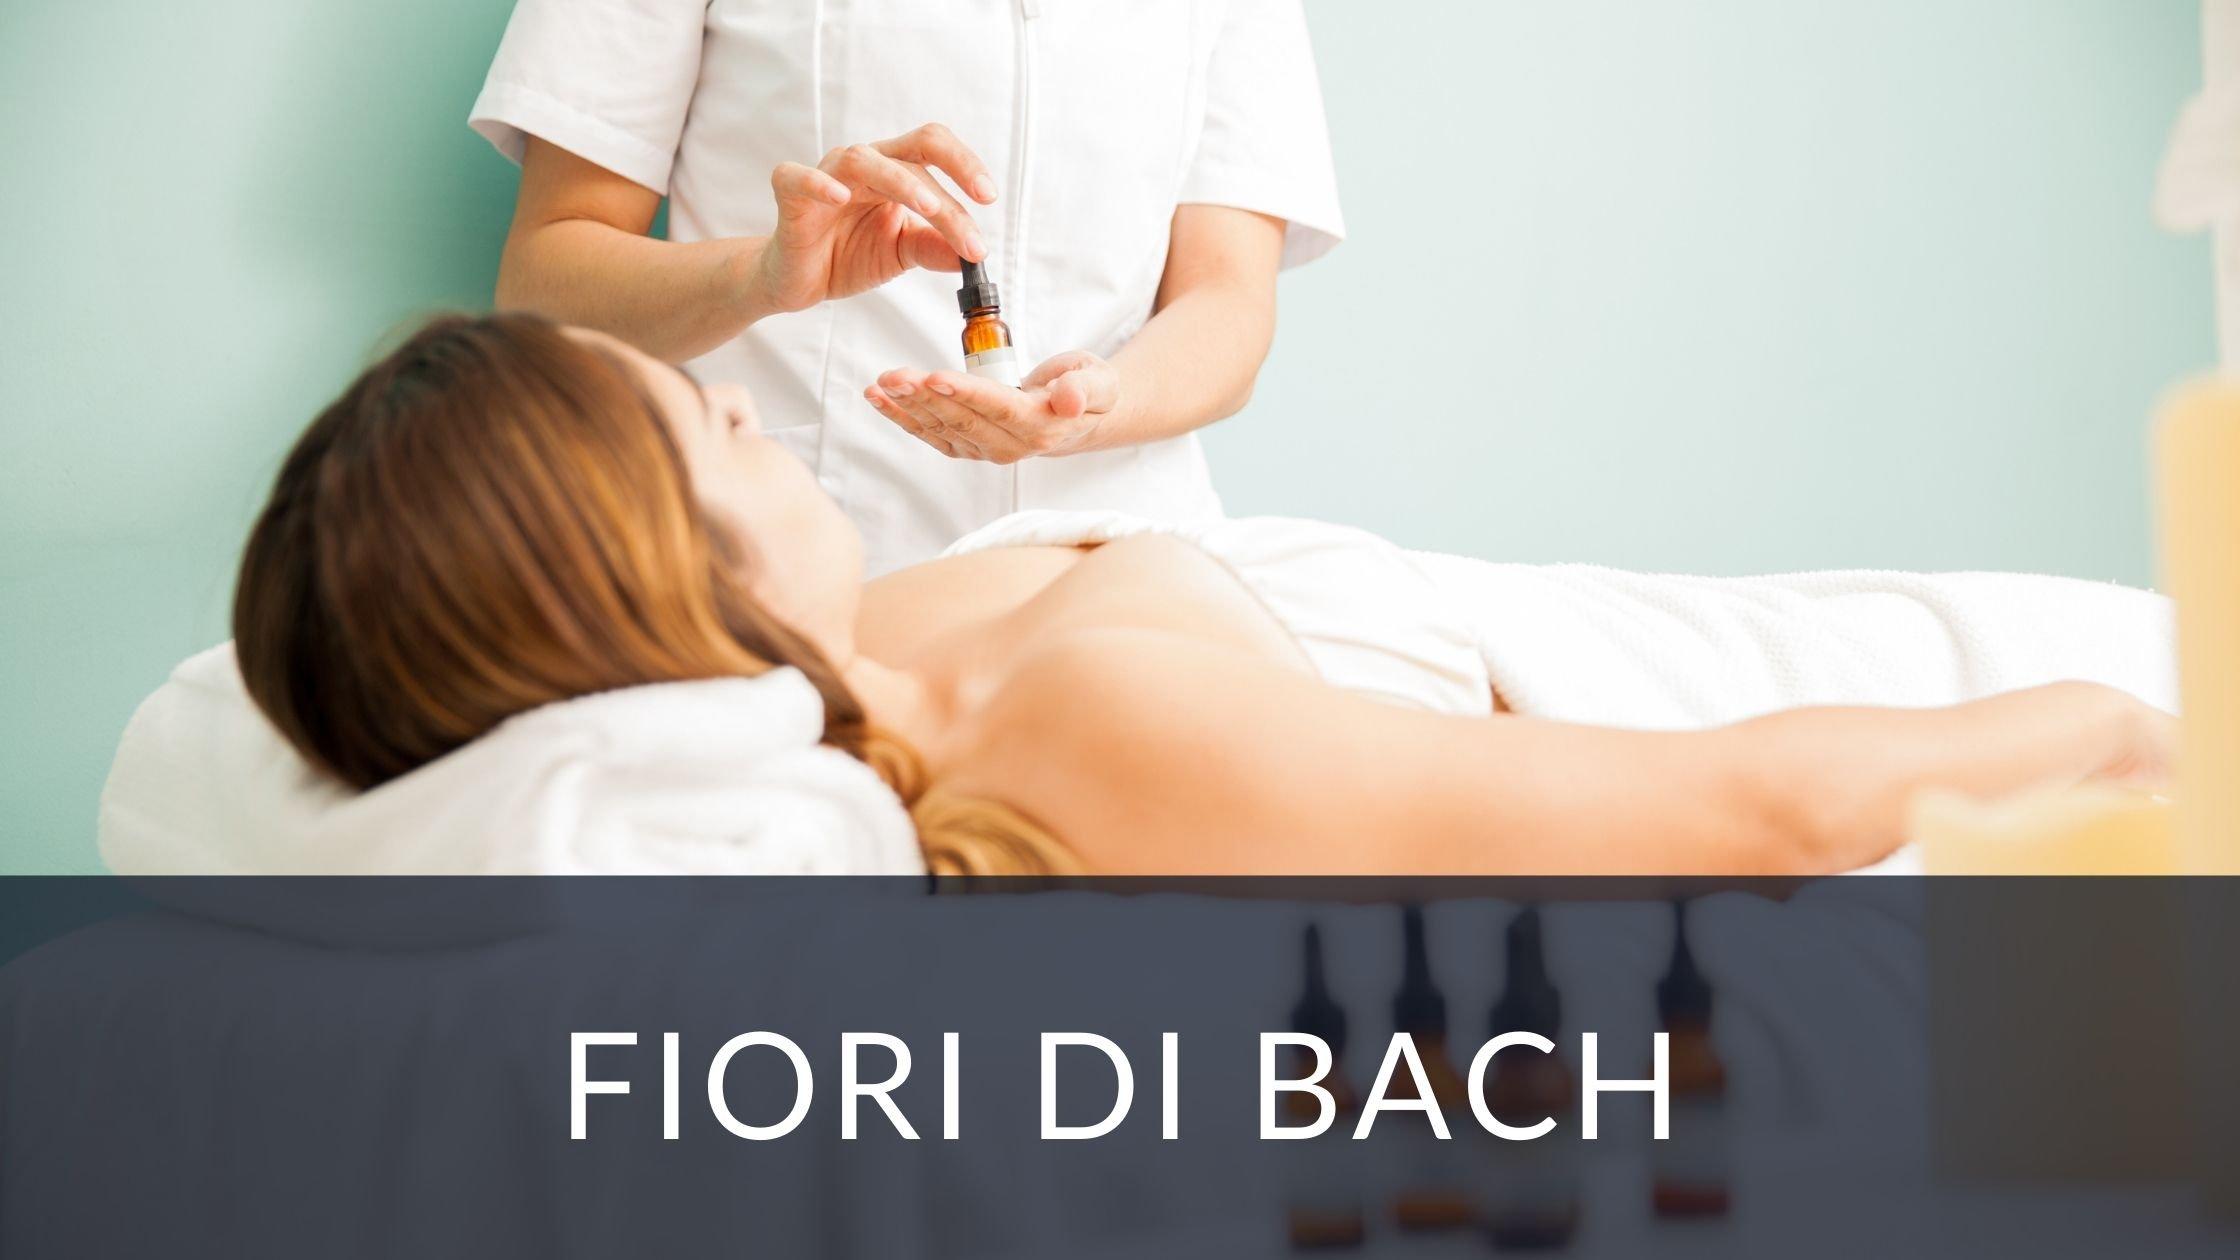 Fiori di Bach a Piacenza, scopri il tuo rimedio naturale